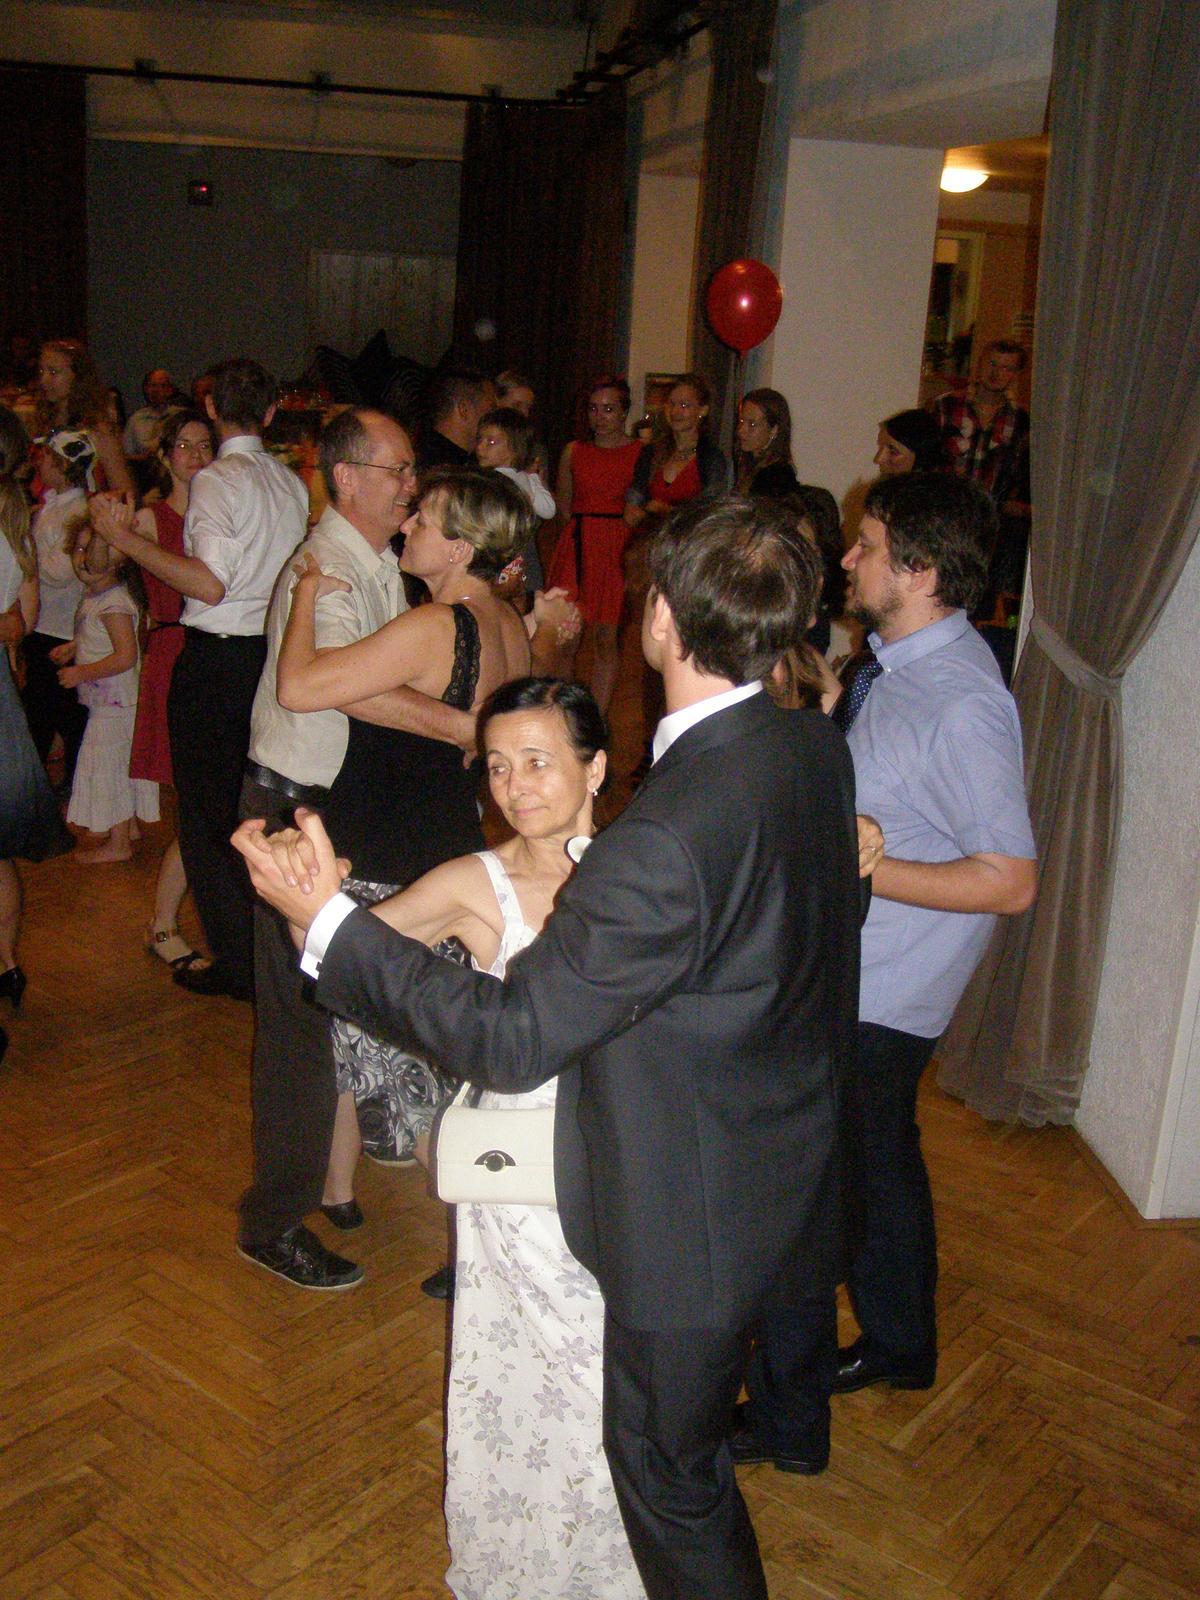 Svatba Lída Čermáková & Jiří Haut - Obrázek č. 6